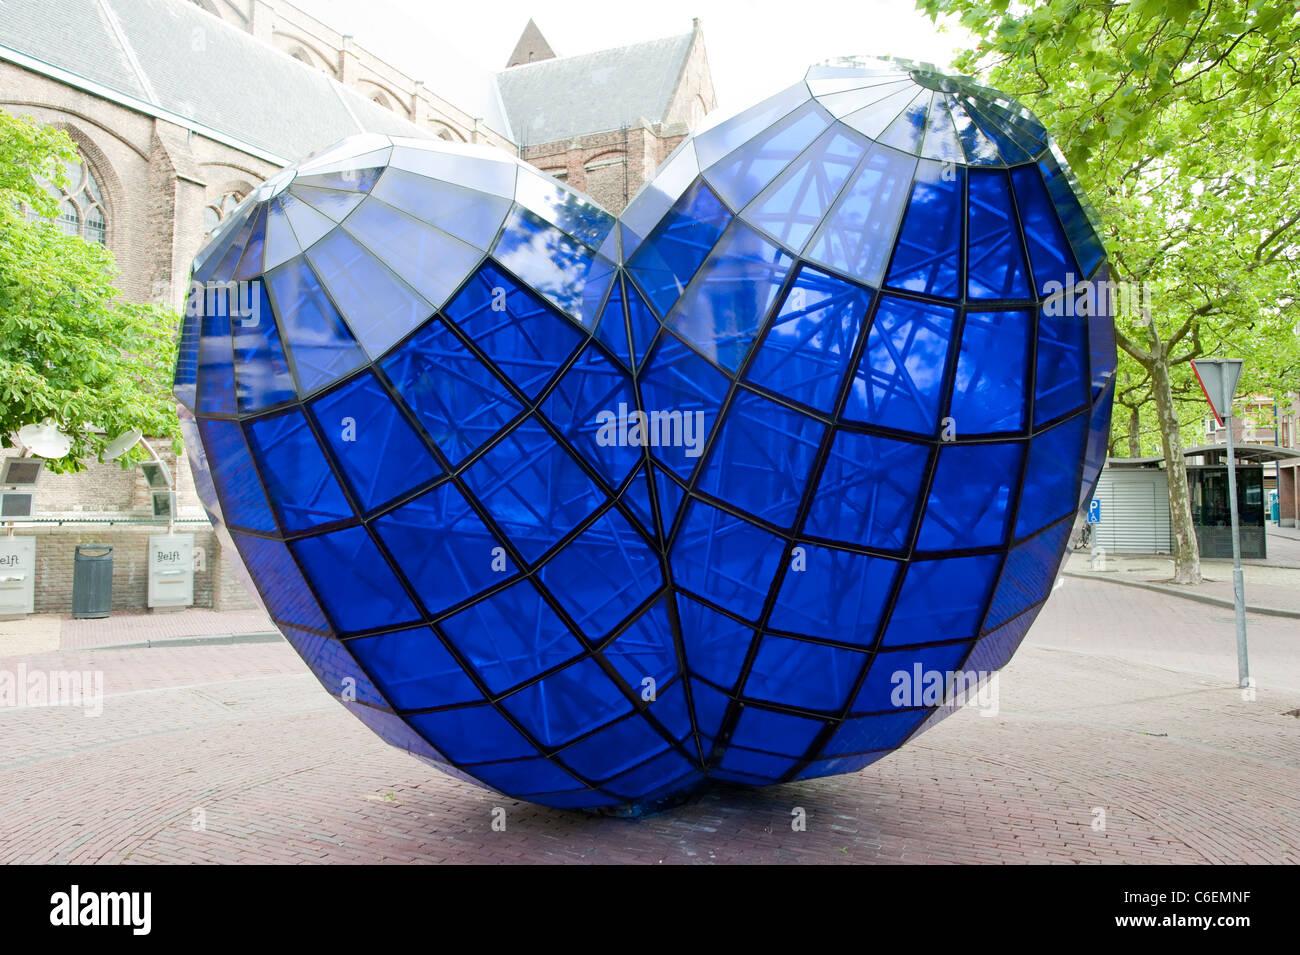 Gran amor del Corazón de Cristal Azul Delft Holanda Holanda Europa Imagen De Stock